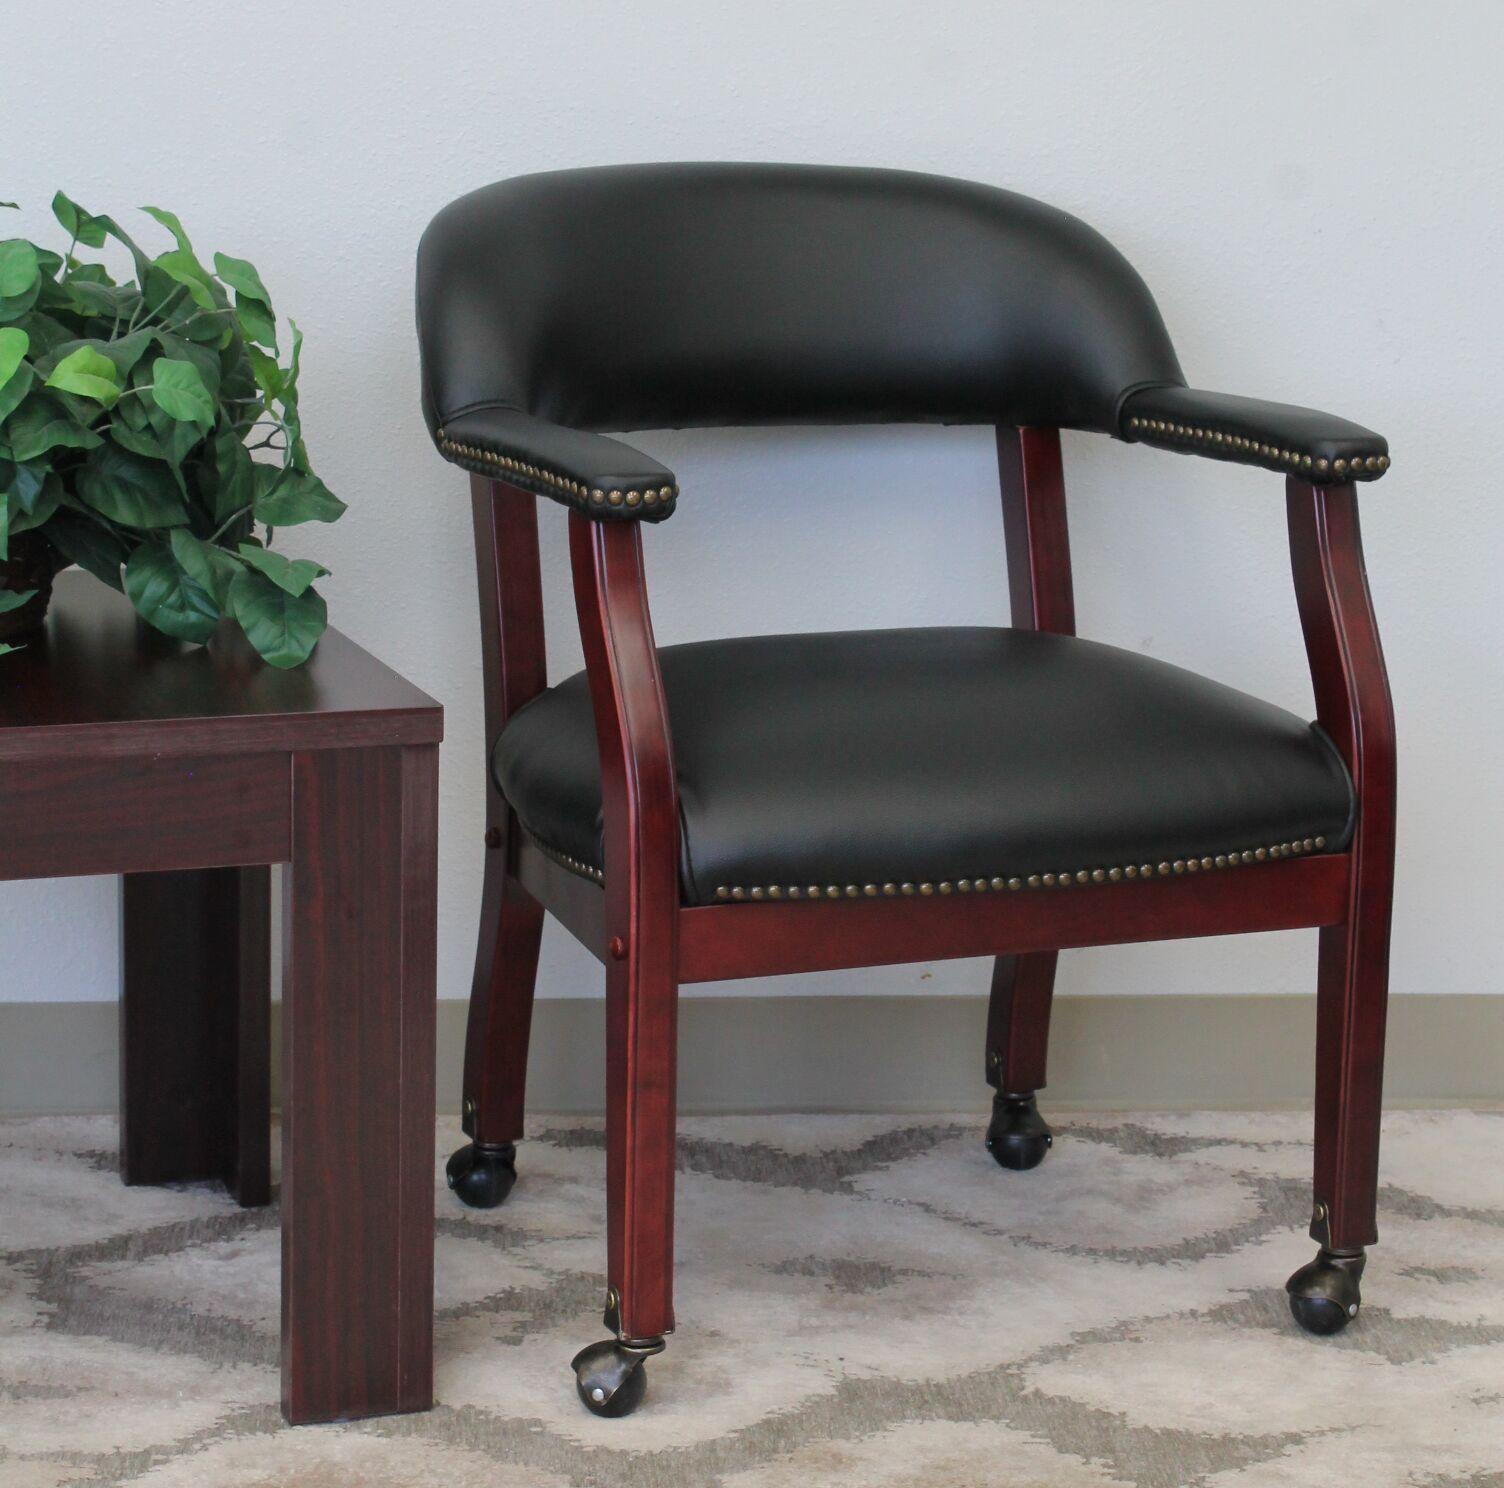 Pershore Vinyl Guest Chair Color: Black, Casters: No